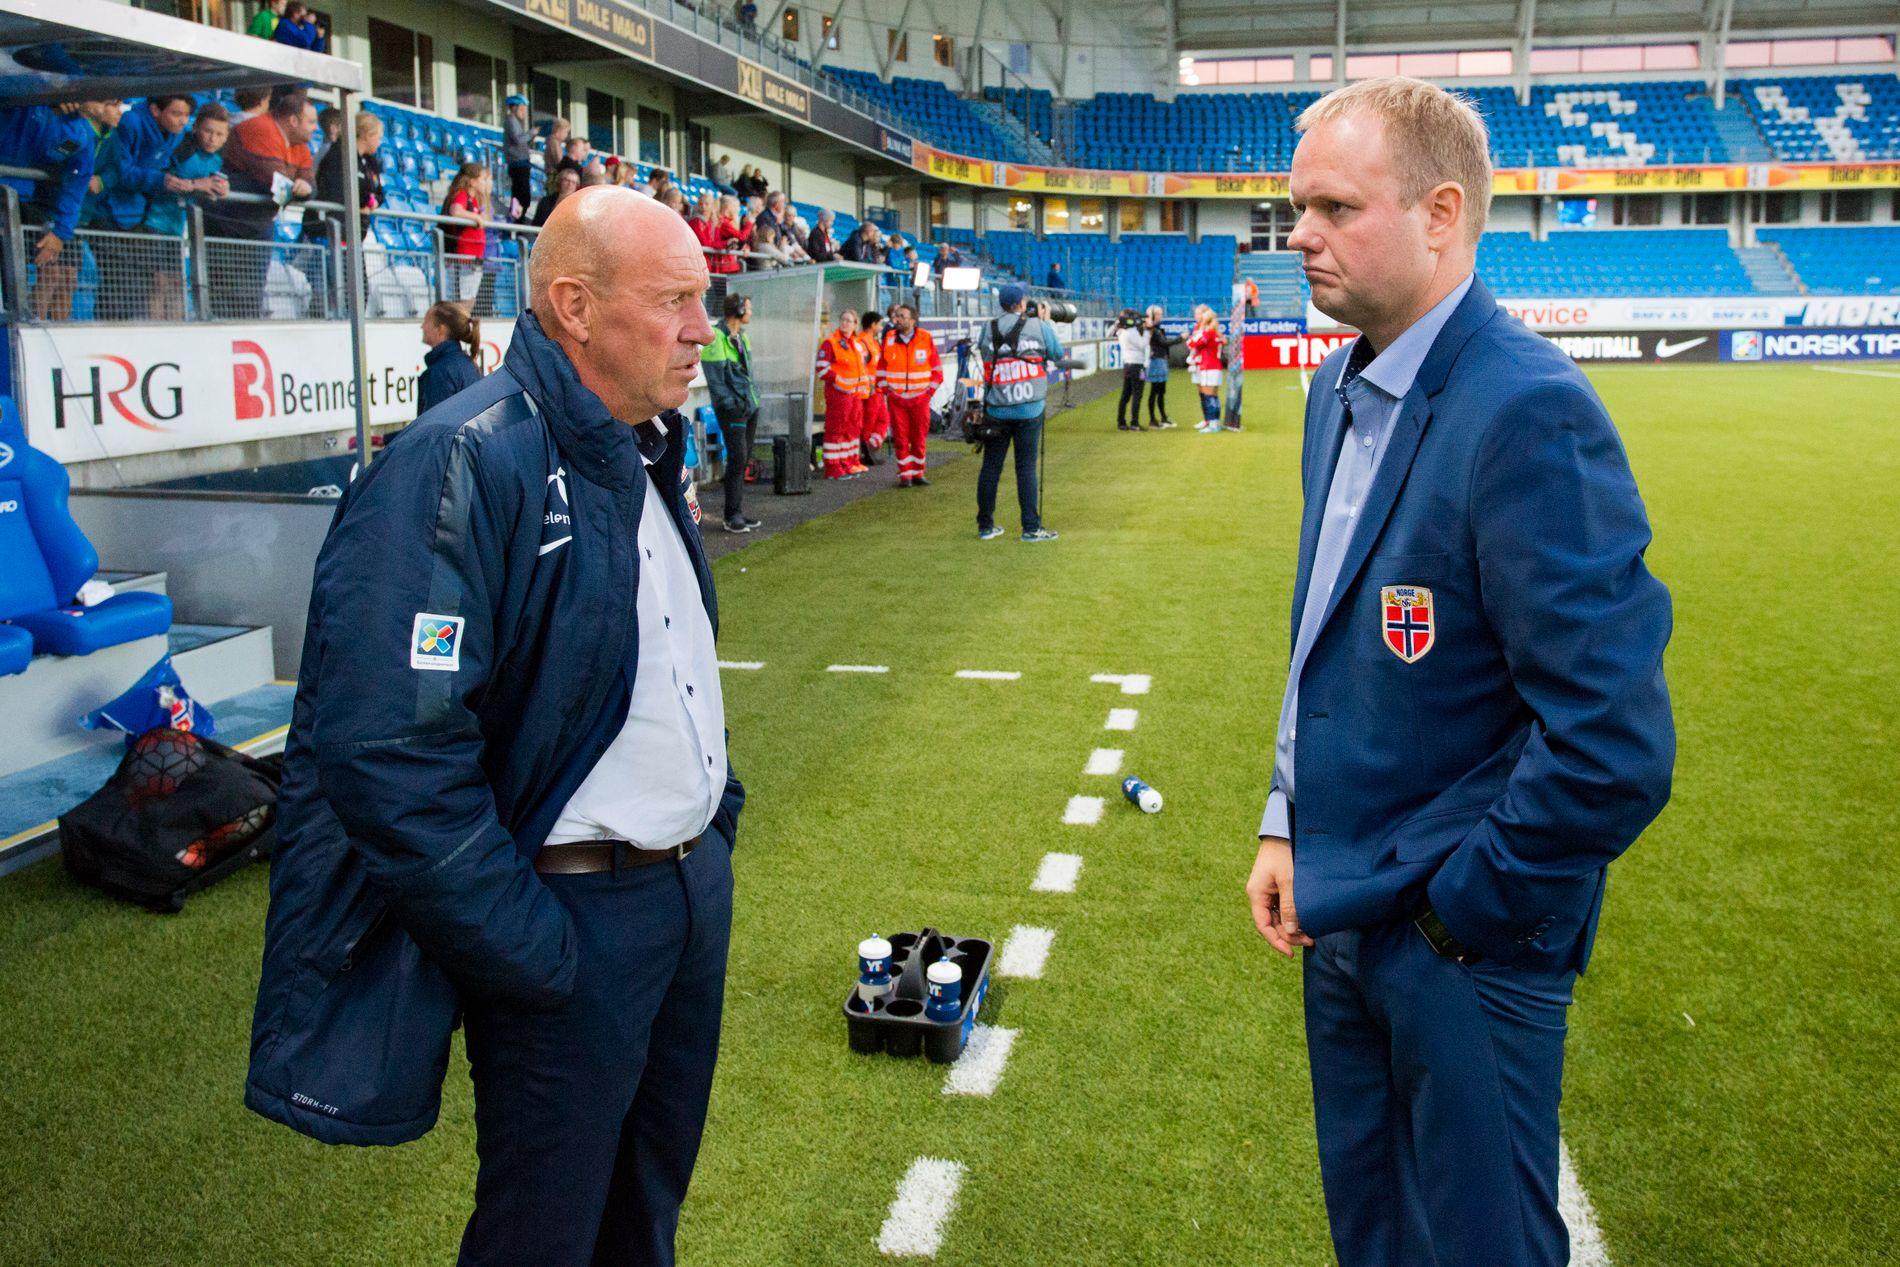 SLUTT SOM NORGE-SJEF: Roger Finjord (høyre), her fra EM-kvalifiseringen mot Kasakhstan, som ble hans nest siste som sjef for Norge. Til venstre står toppfotballsjef Nils Johan Semb.